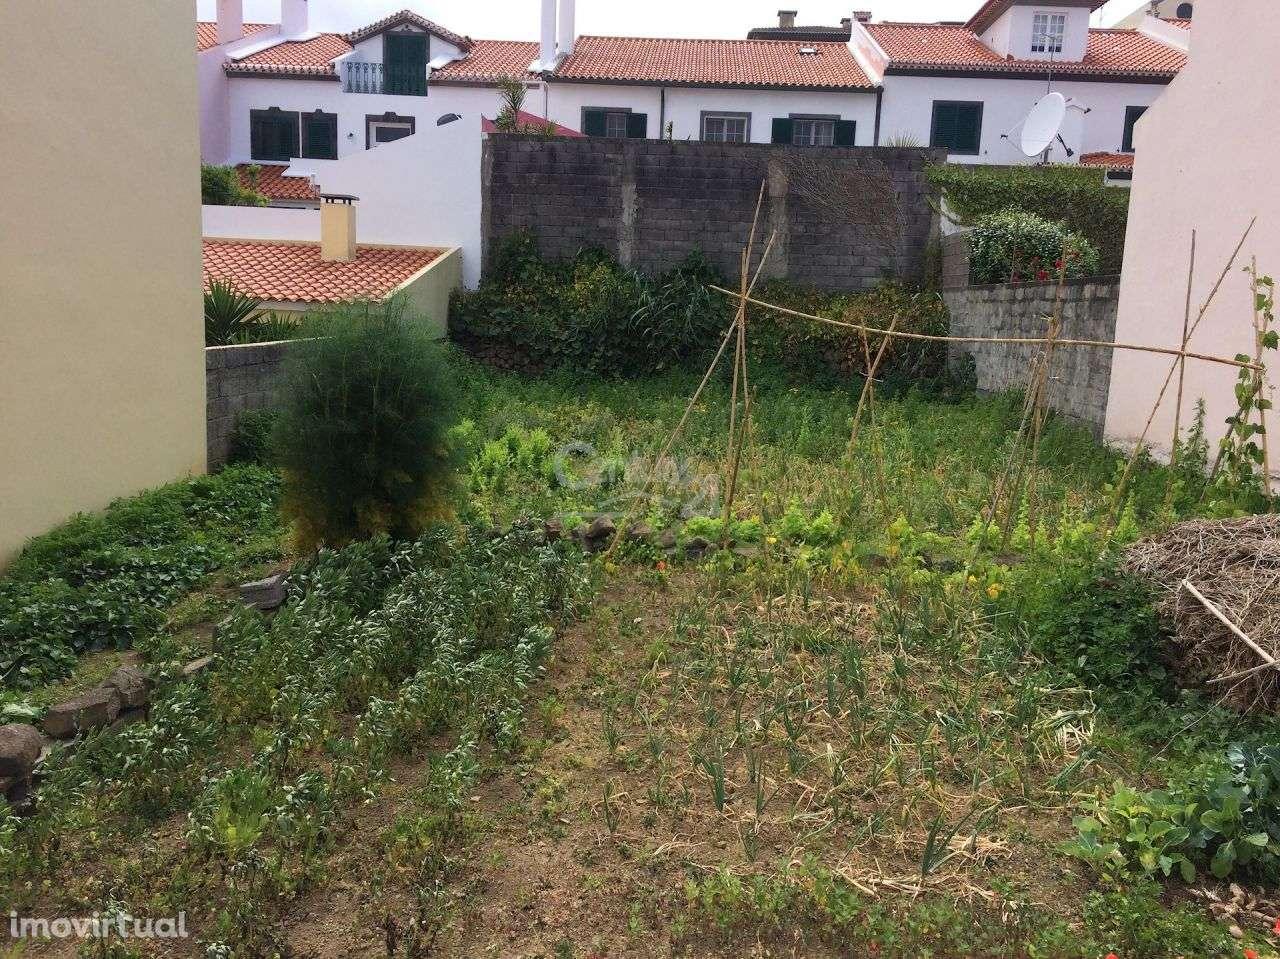 Terreno para comprar, São José, Ilha de São Miguel - Foto 6